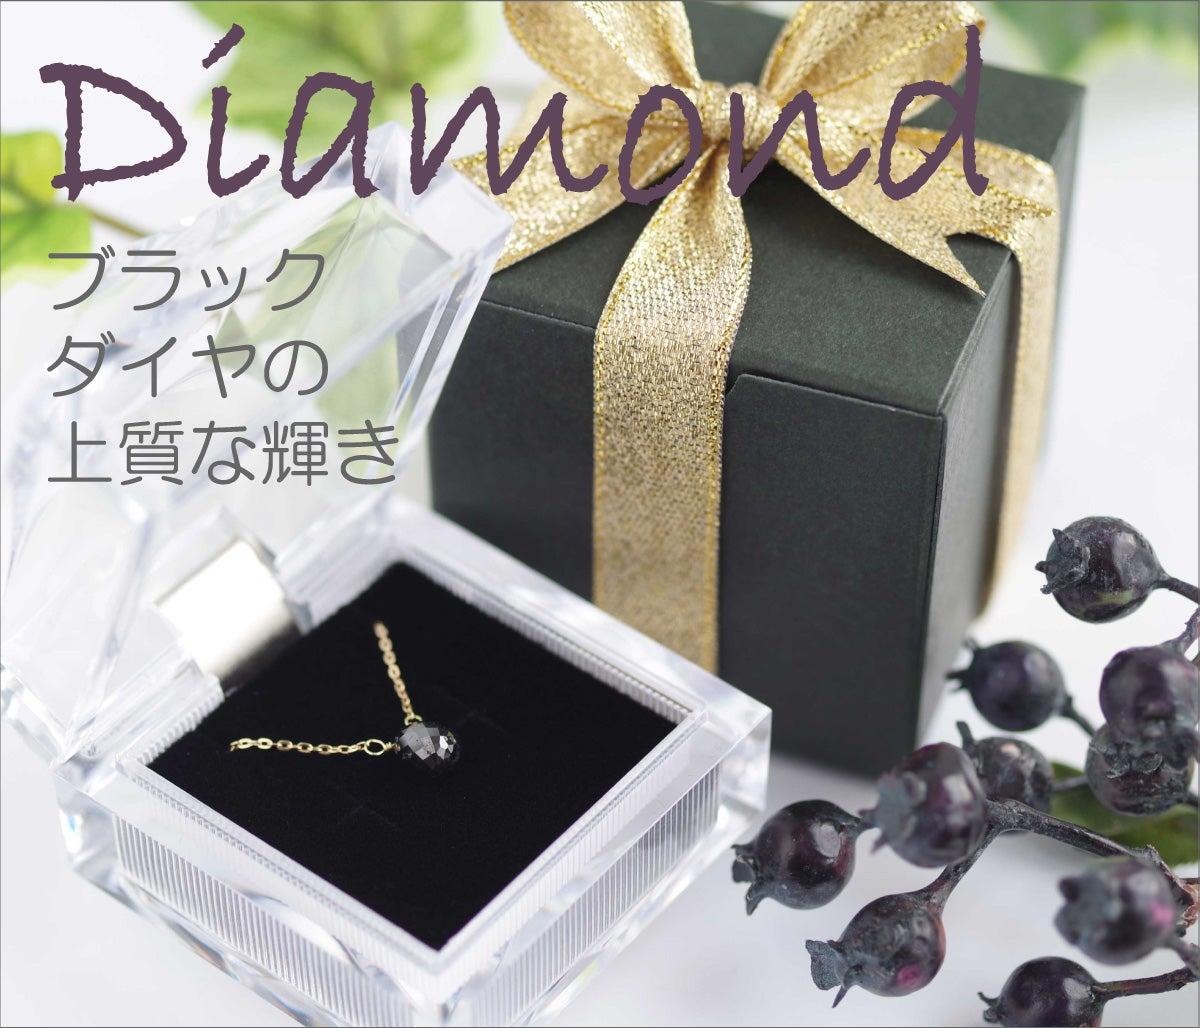 ブラックダイヤモンド・バナー